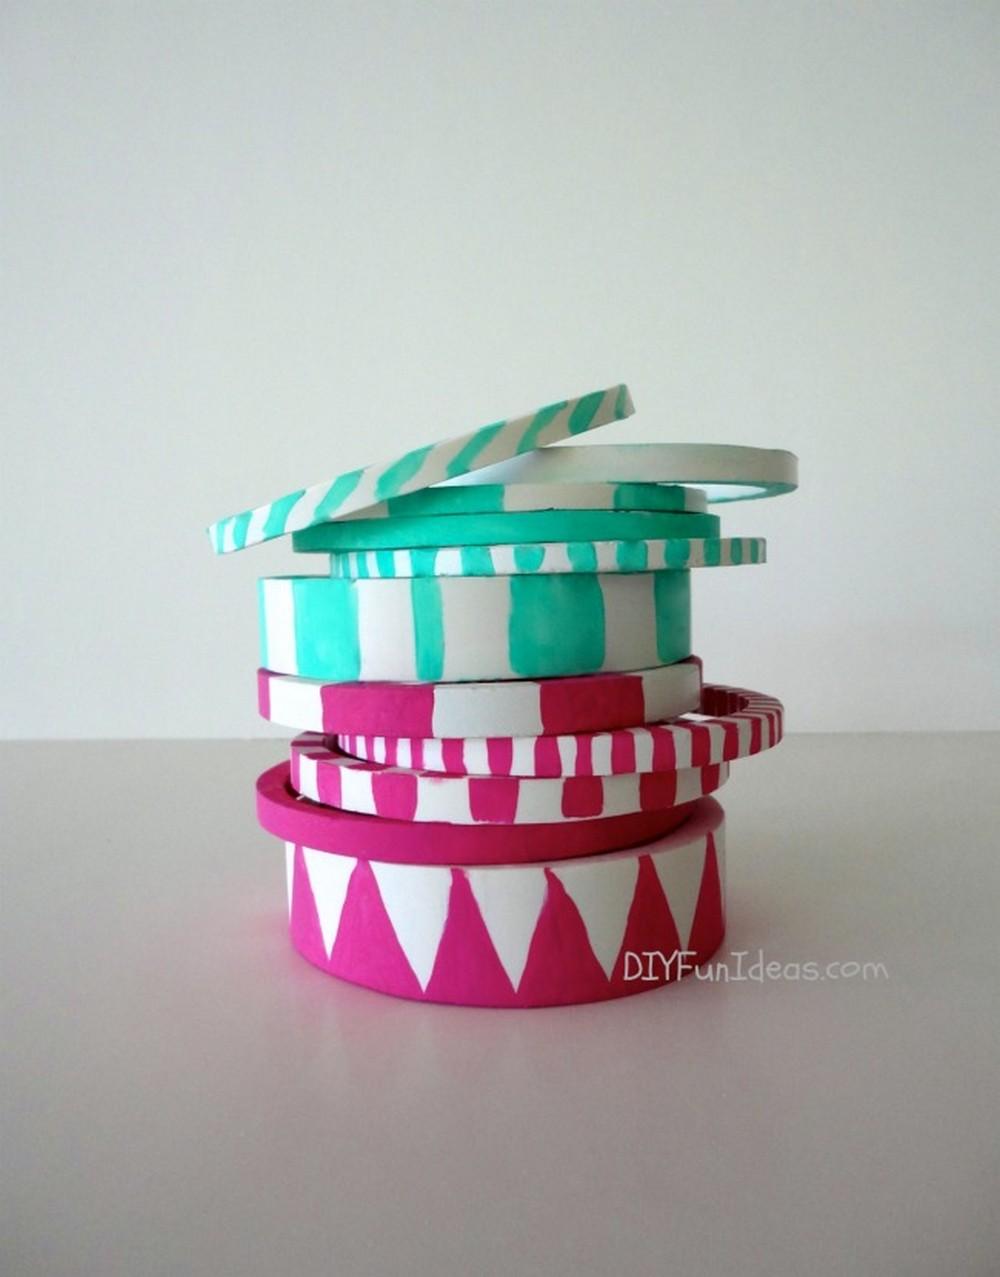 Super Fun & Easy Diy Pvc Bracelets